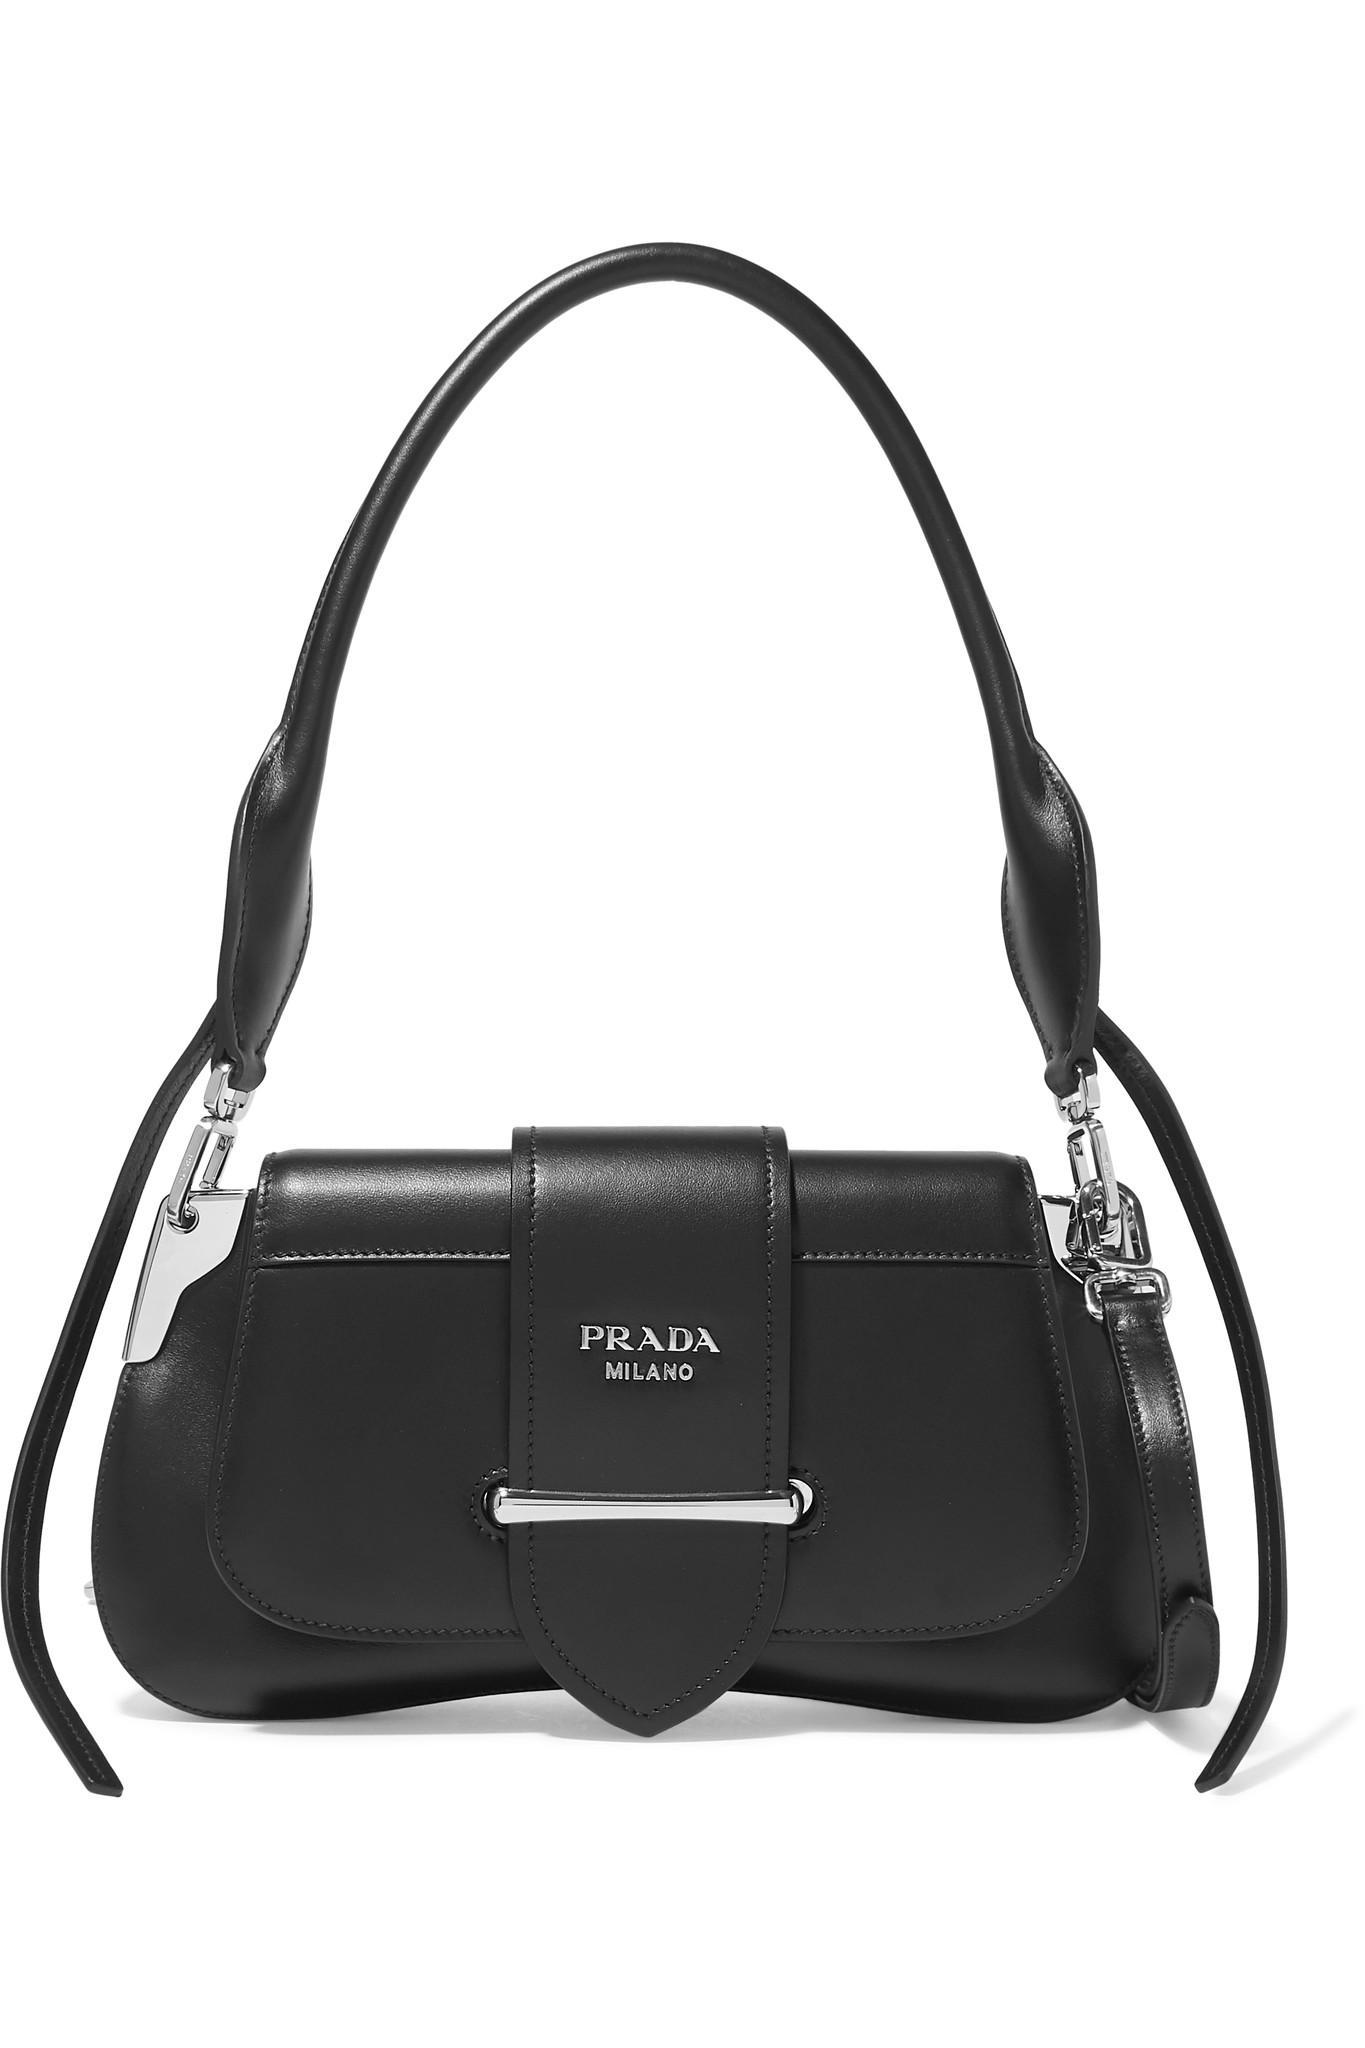 227d8d1f45da Lyst - Prada Sidonie Leather Shoulder Bag in Black